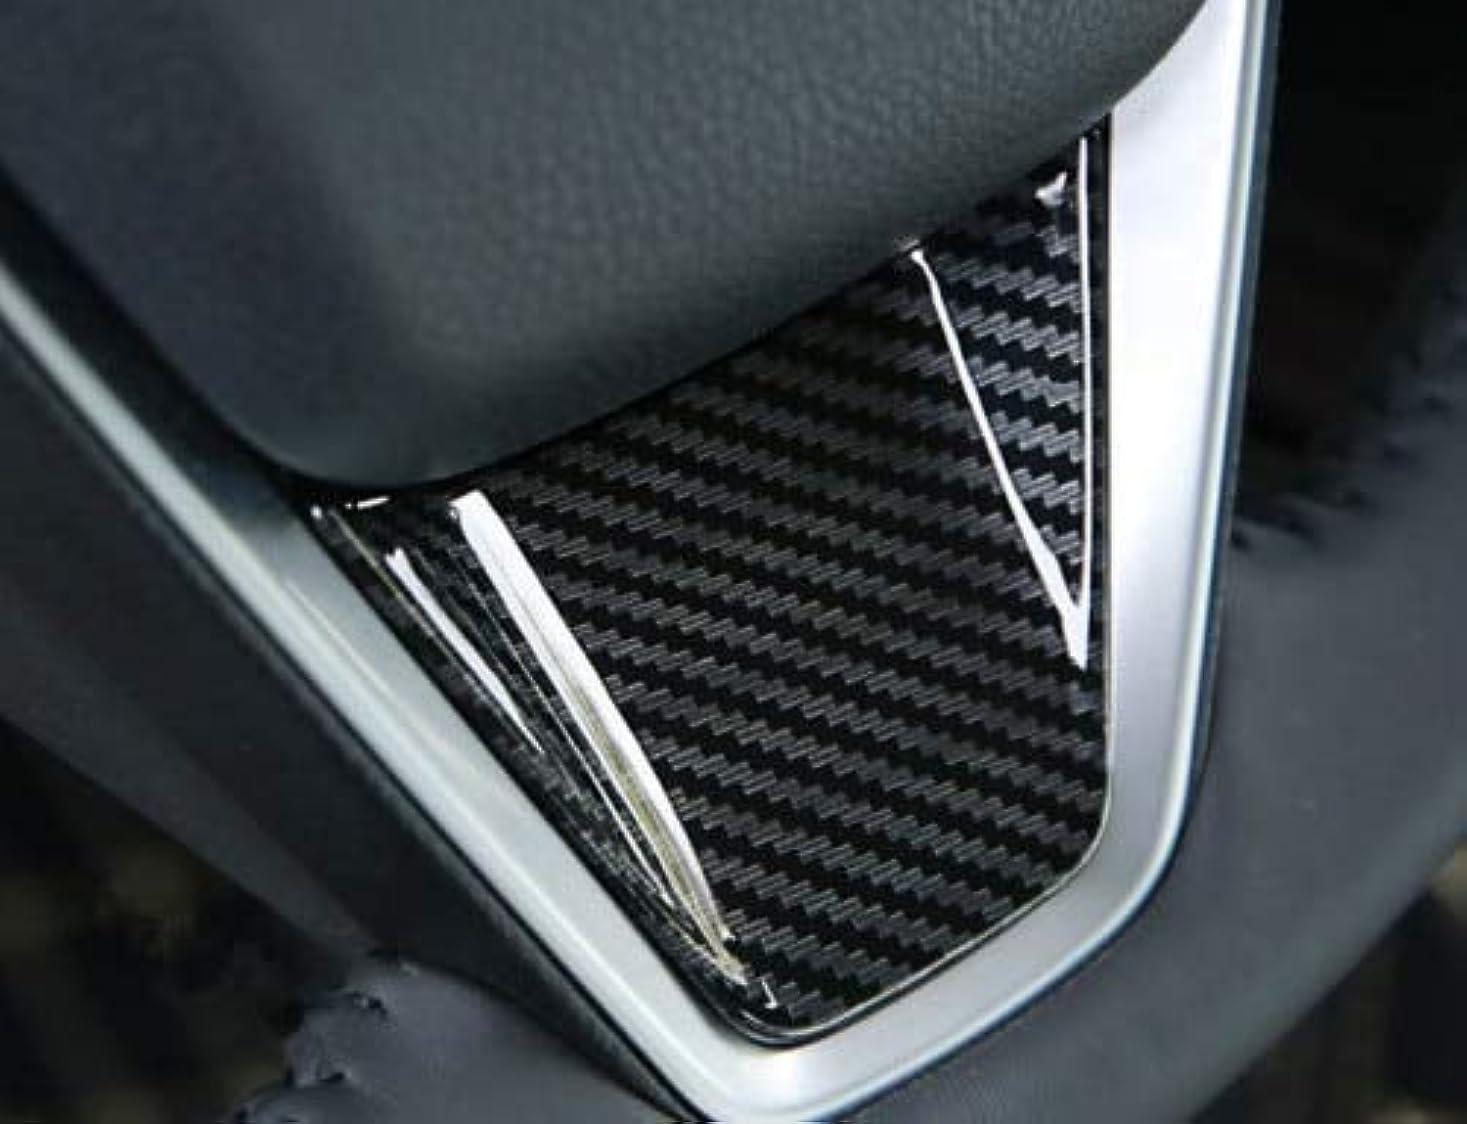 フィードバック朝ごはんそれぞれJicorzo - 1pc Carbon Fiber Style Interior Steering Wheel Patch Cover Trim Fit For TOYOTA CAMRY 2018 Car Interior Accessories Styling